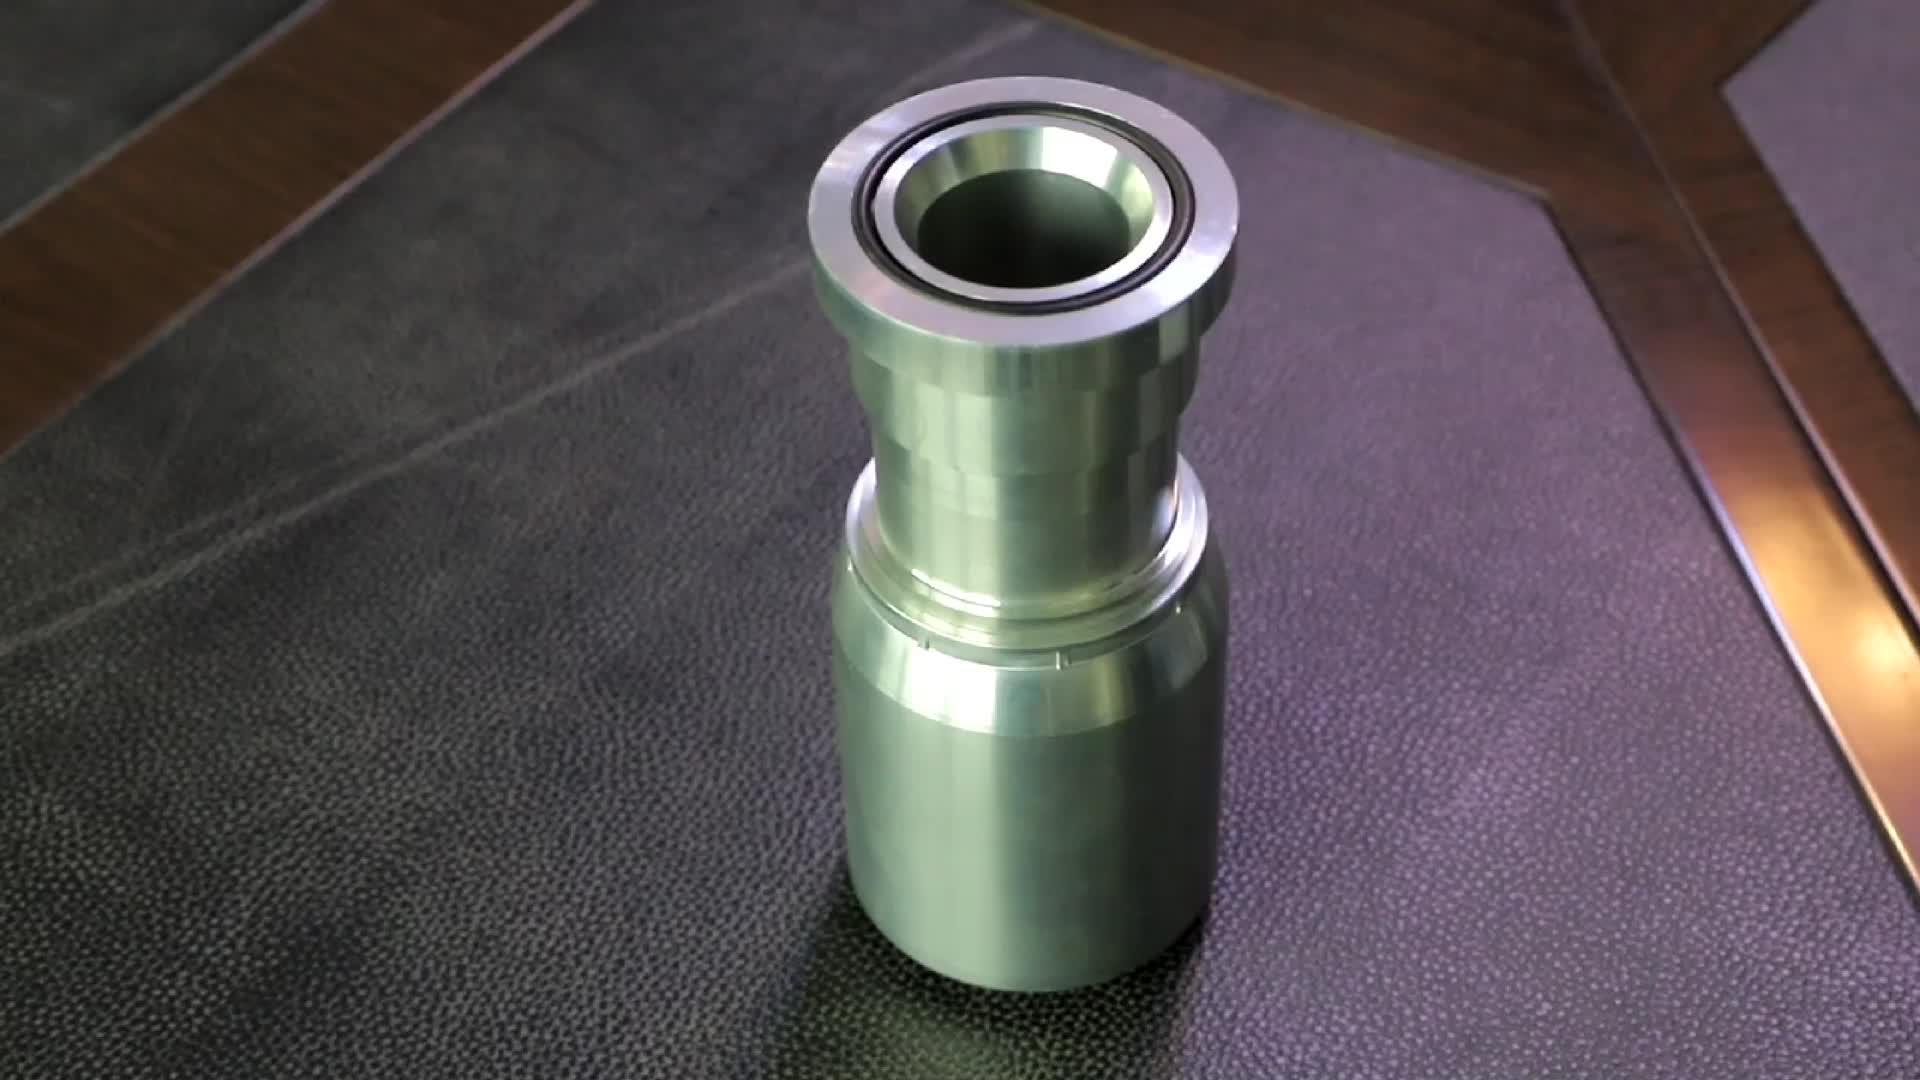 Hydraulic hose ferrule for GB 3863 2 type/DIN20022 2SN/SEA 100R2AT hose ferrule 00210